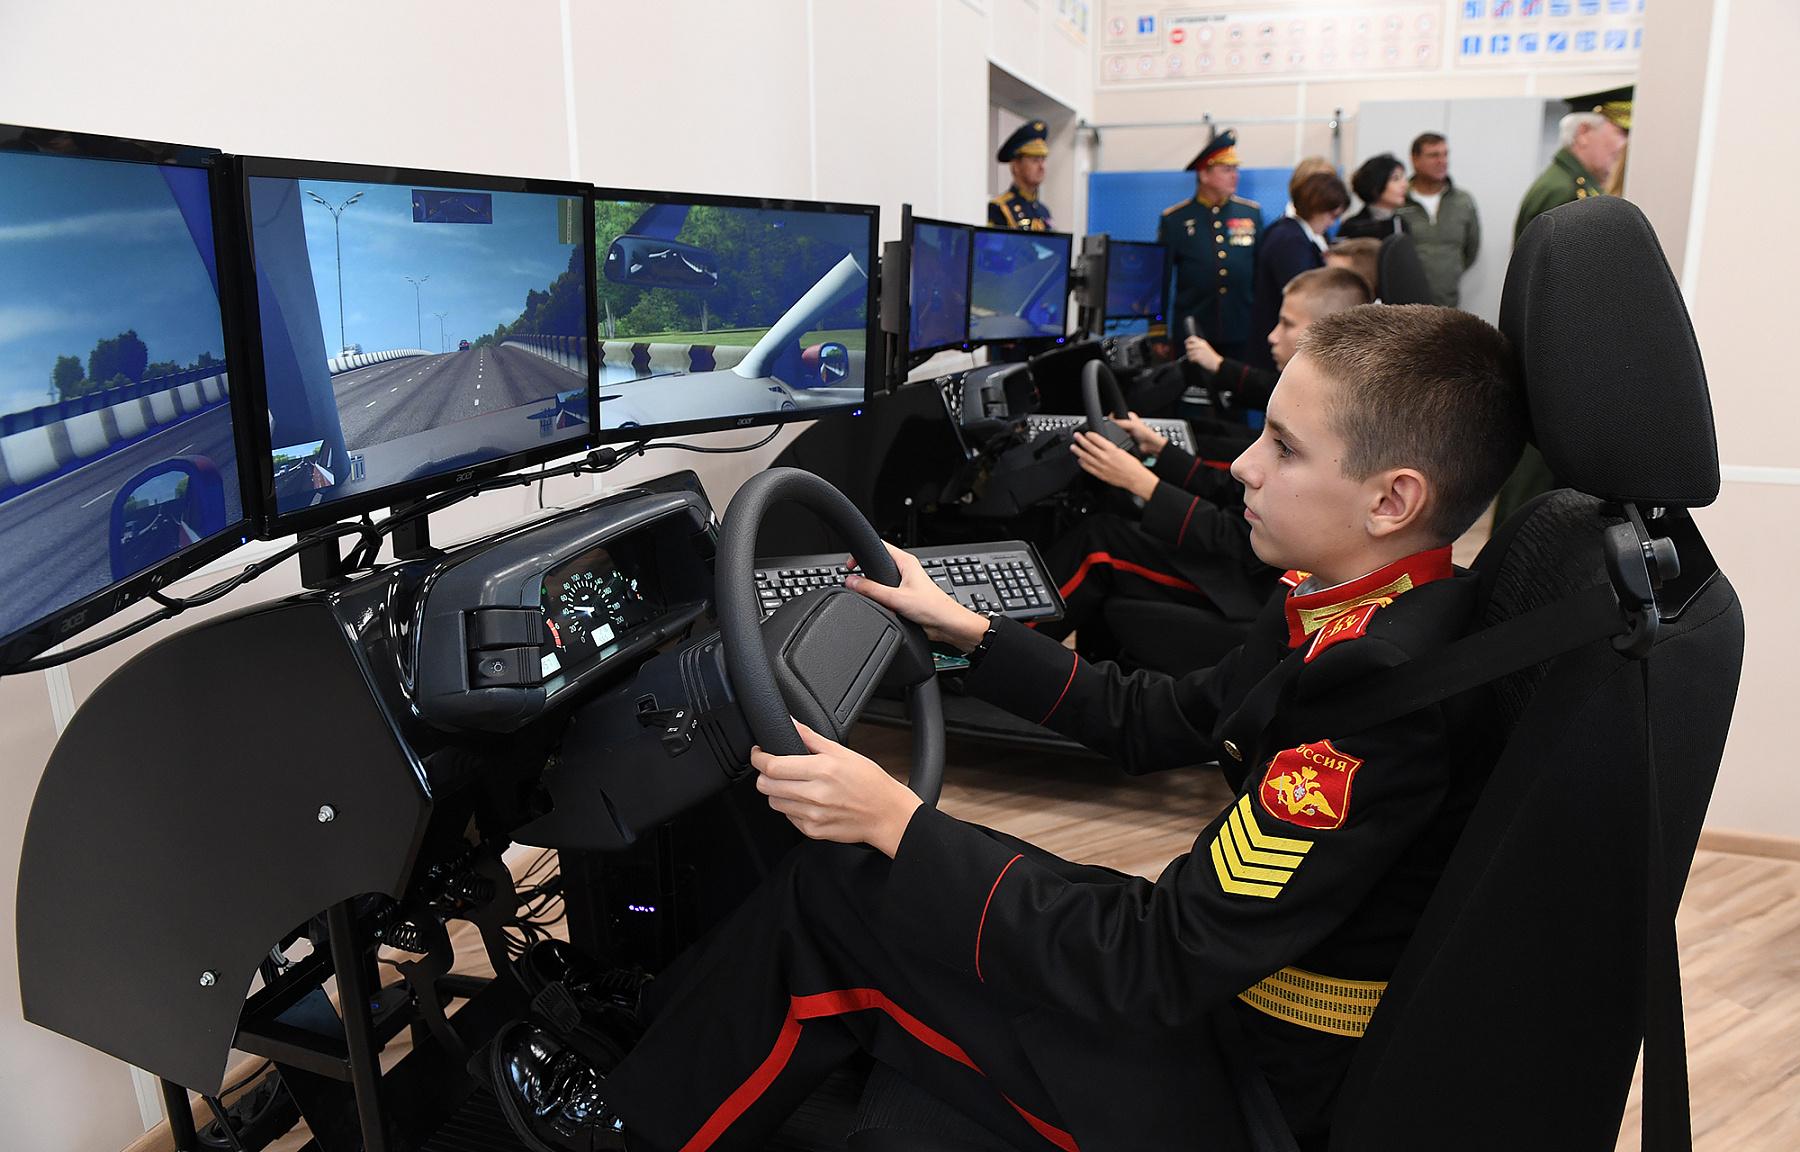 Russian Military academies/schools F_d3d3LnJlZ2lvbi50dmVyLnJ1L3VwbG9hZC9yZXNpemVfY2FjaGUvaWJsb2NrLzcxNi8xODAwXzE2MDBfMC9EU0NfNjU5Ni5KUEc_X19pZD0xMzU0MTM=